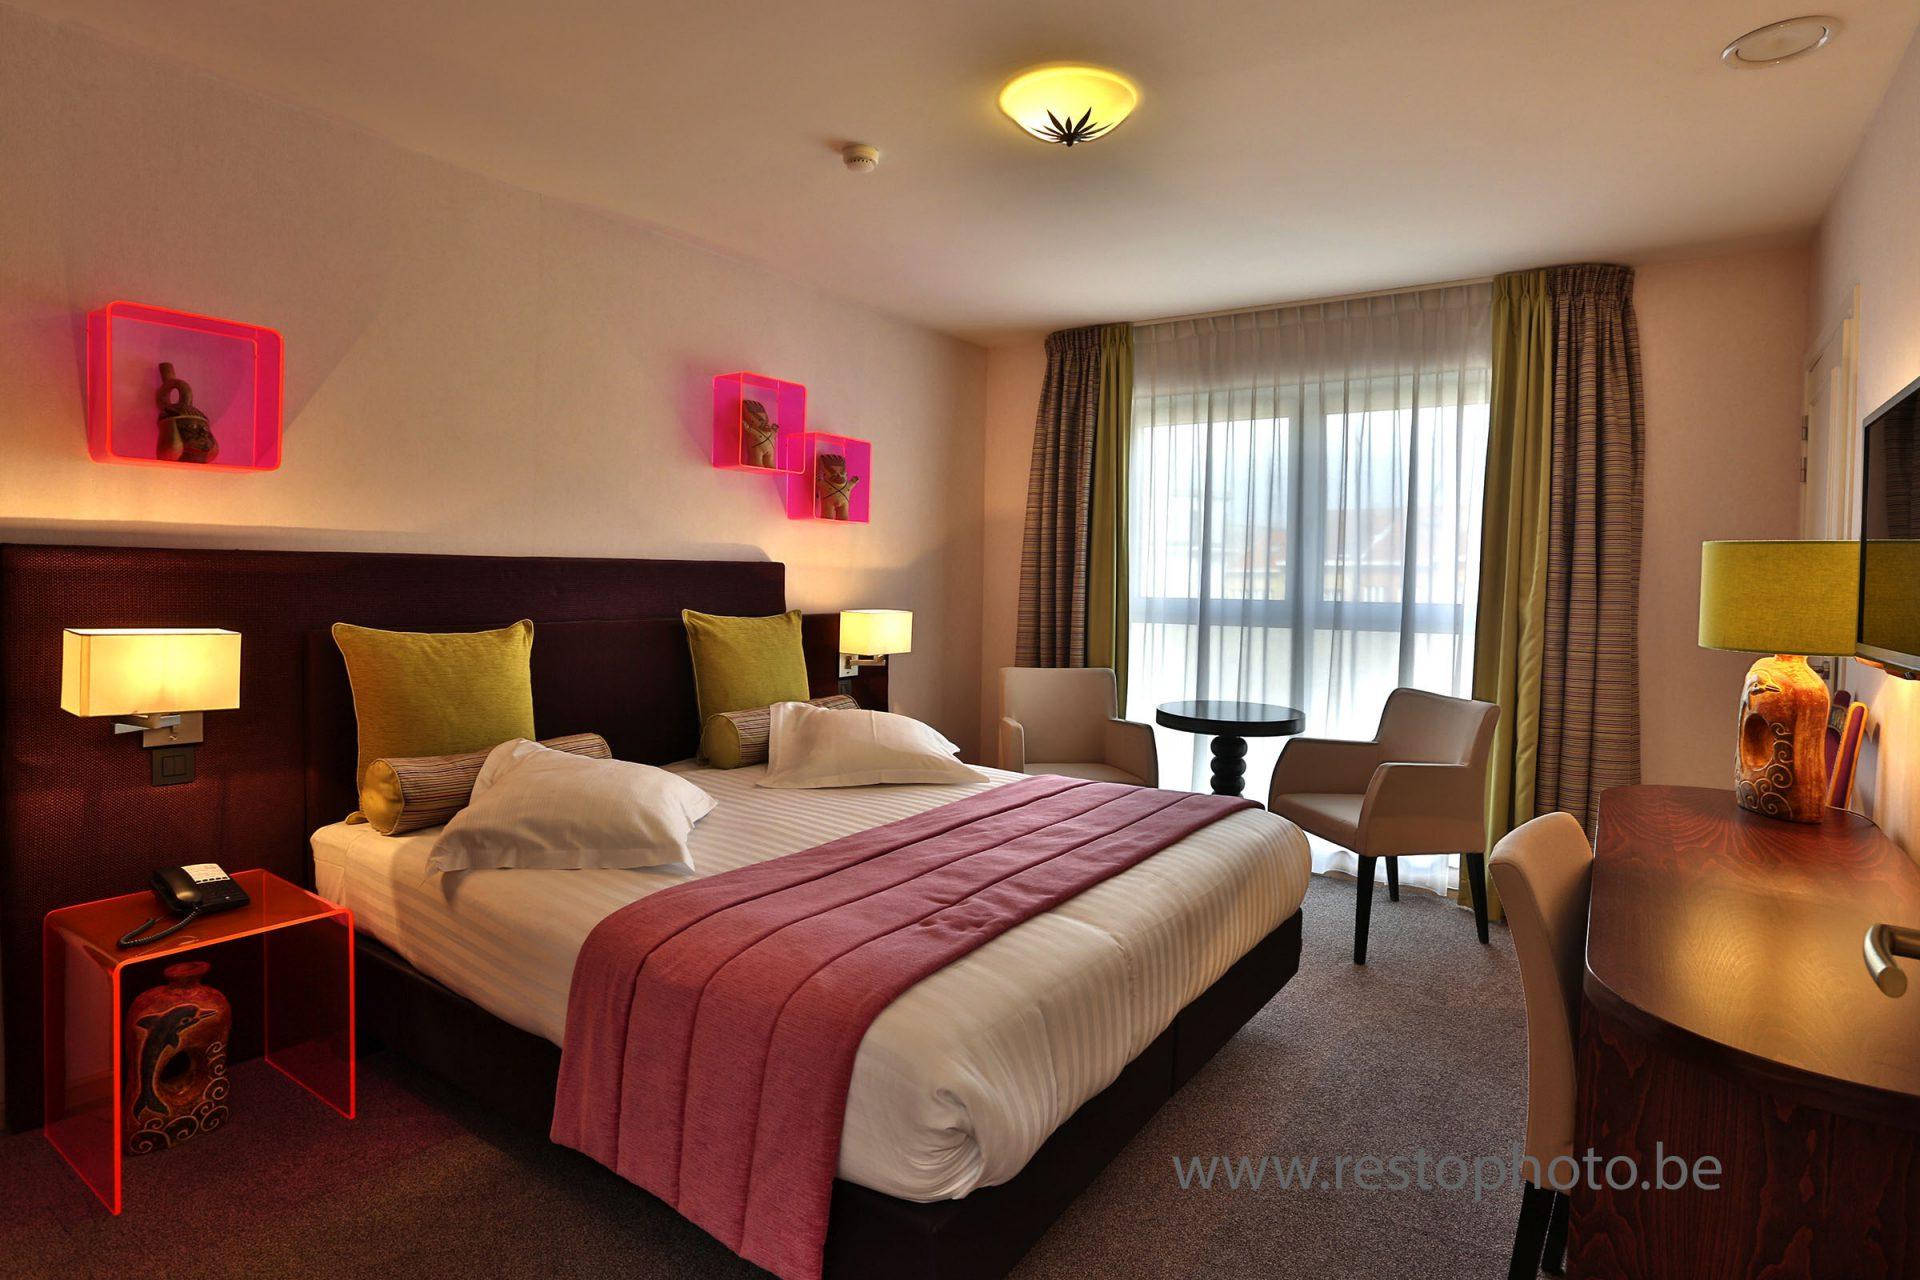 chambre d'hôtel: décoration tons roses